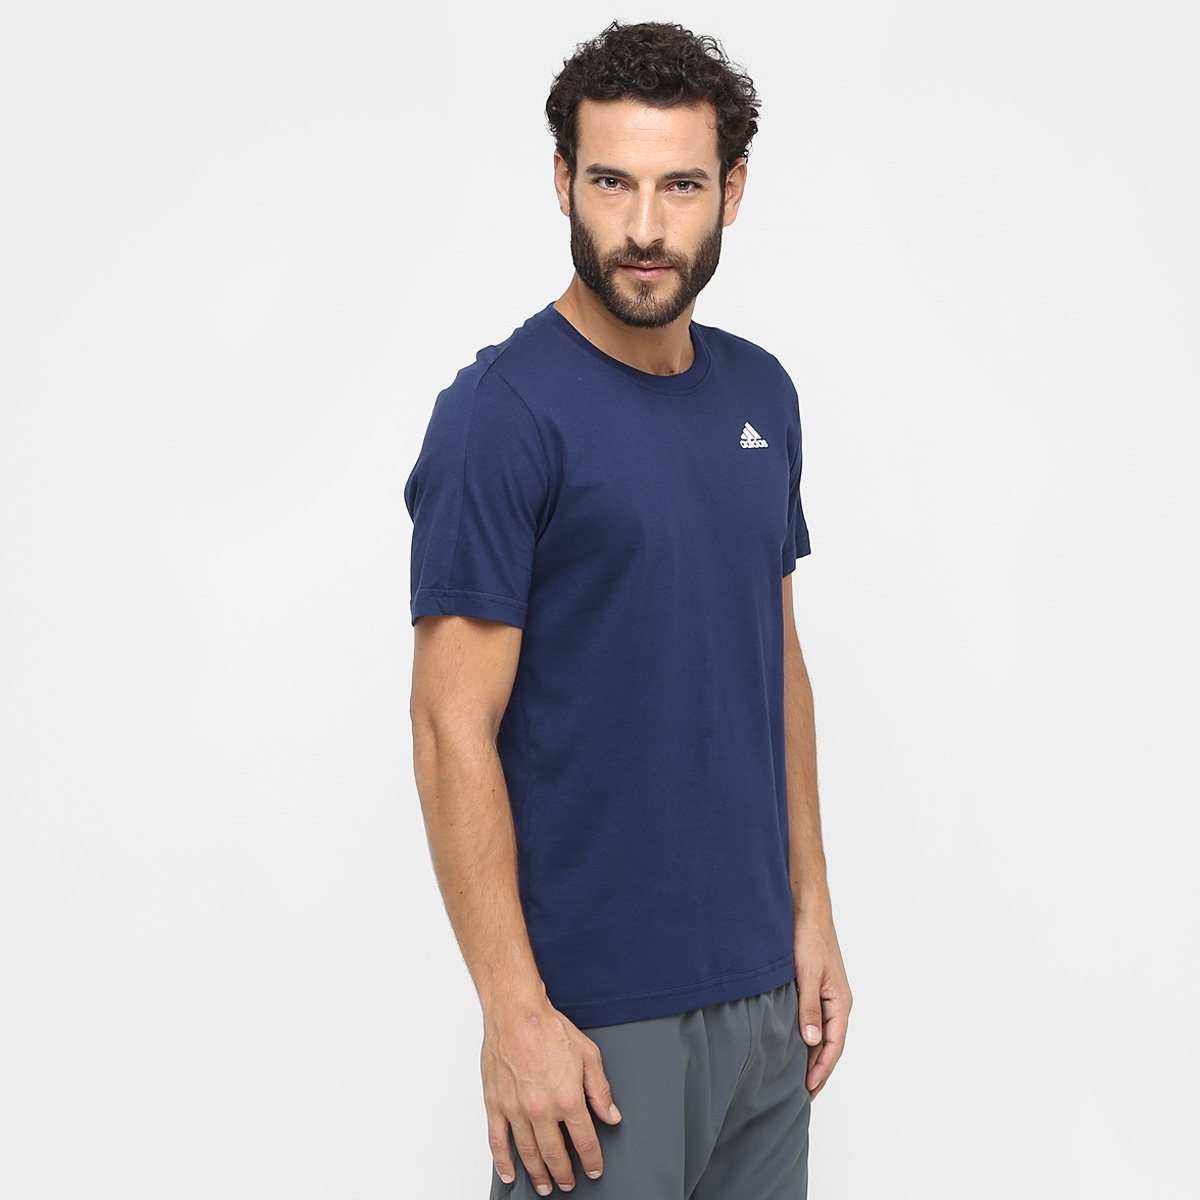 camiseta adidas essentials base